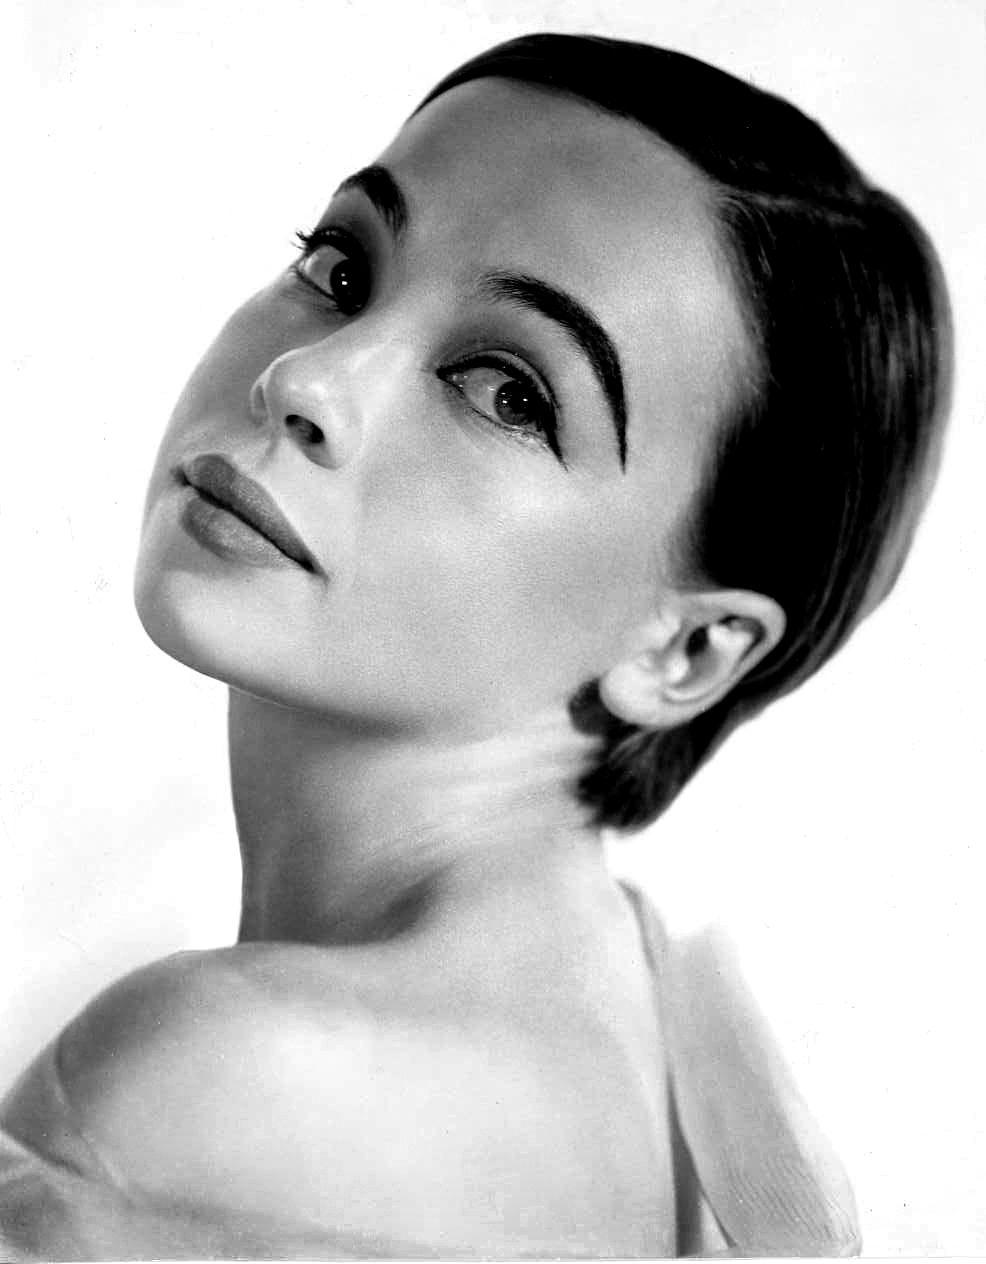 Dora Bryan (1923?014),Gigliola Cinquetti (born 1947) XXX video Heidi Schanz,Joan Banks